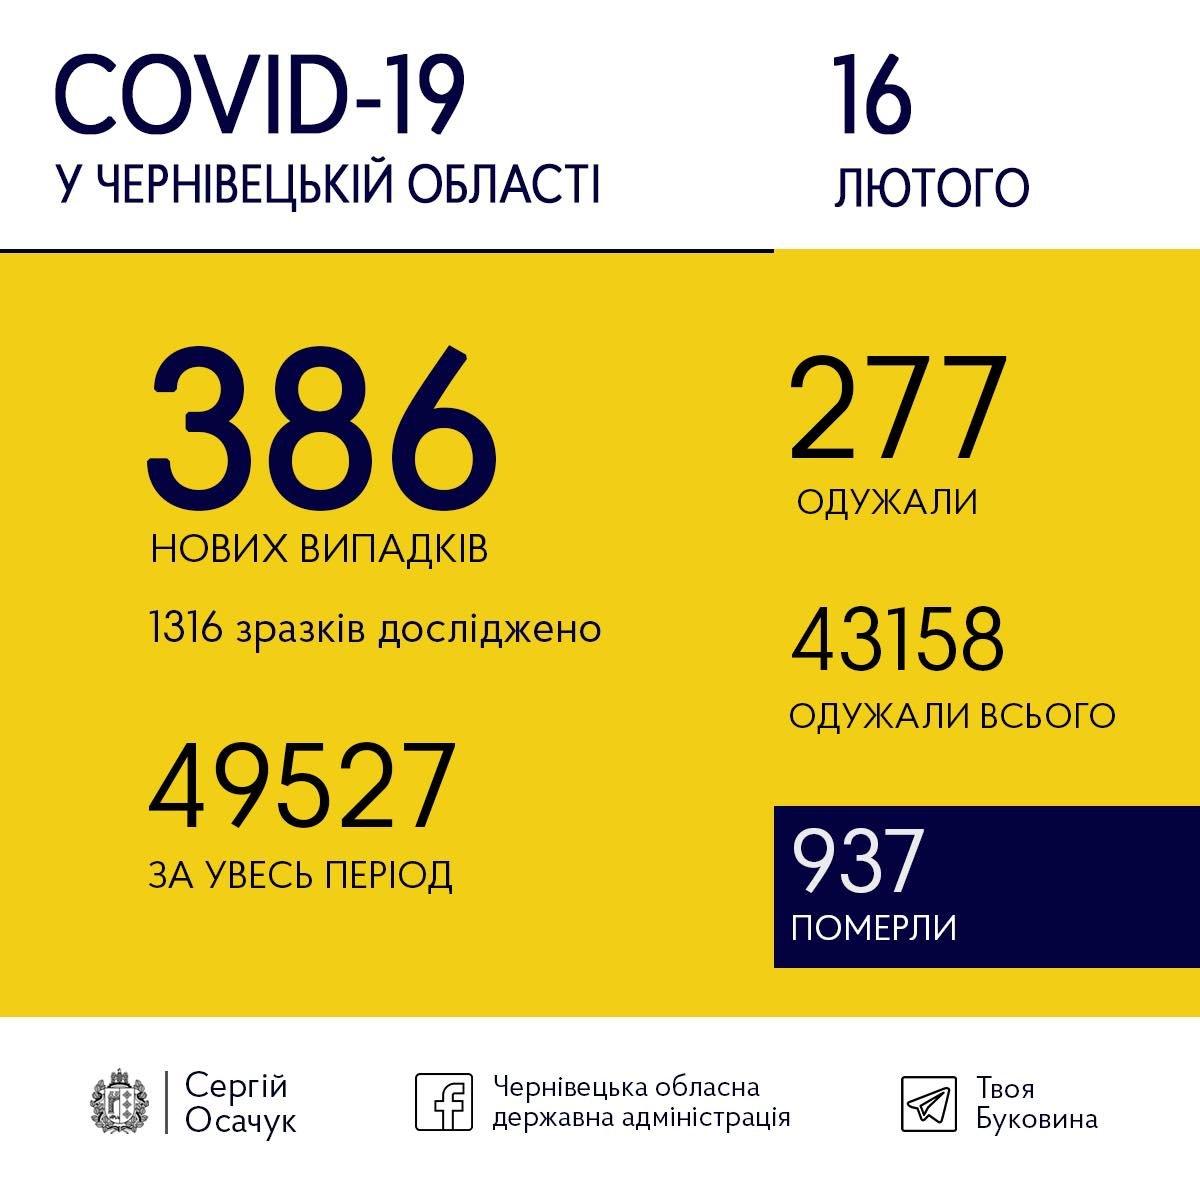 Число хворих невпинно зростає: скільки випадків COVID-19 зафіксували на Буковині, фото-1